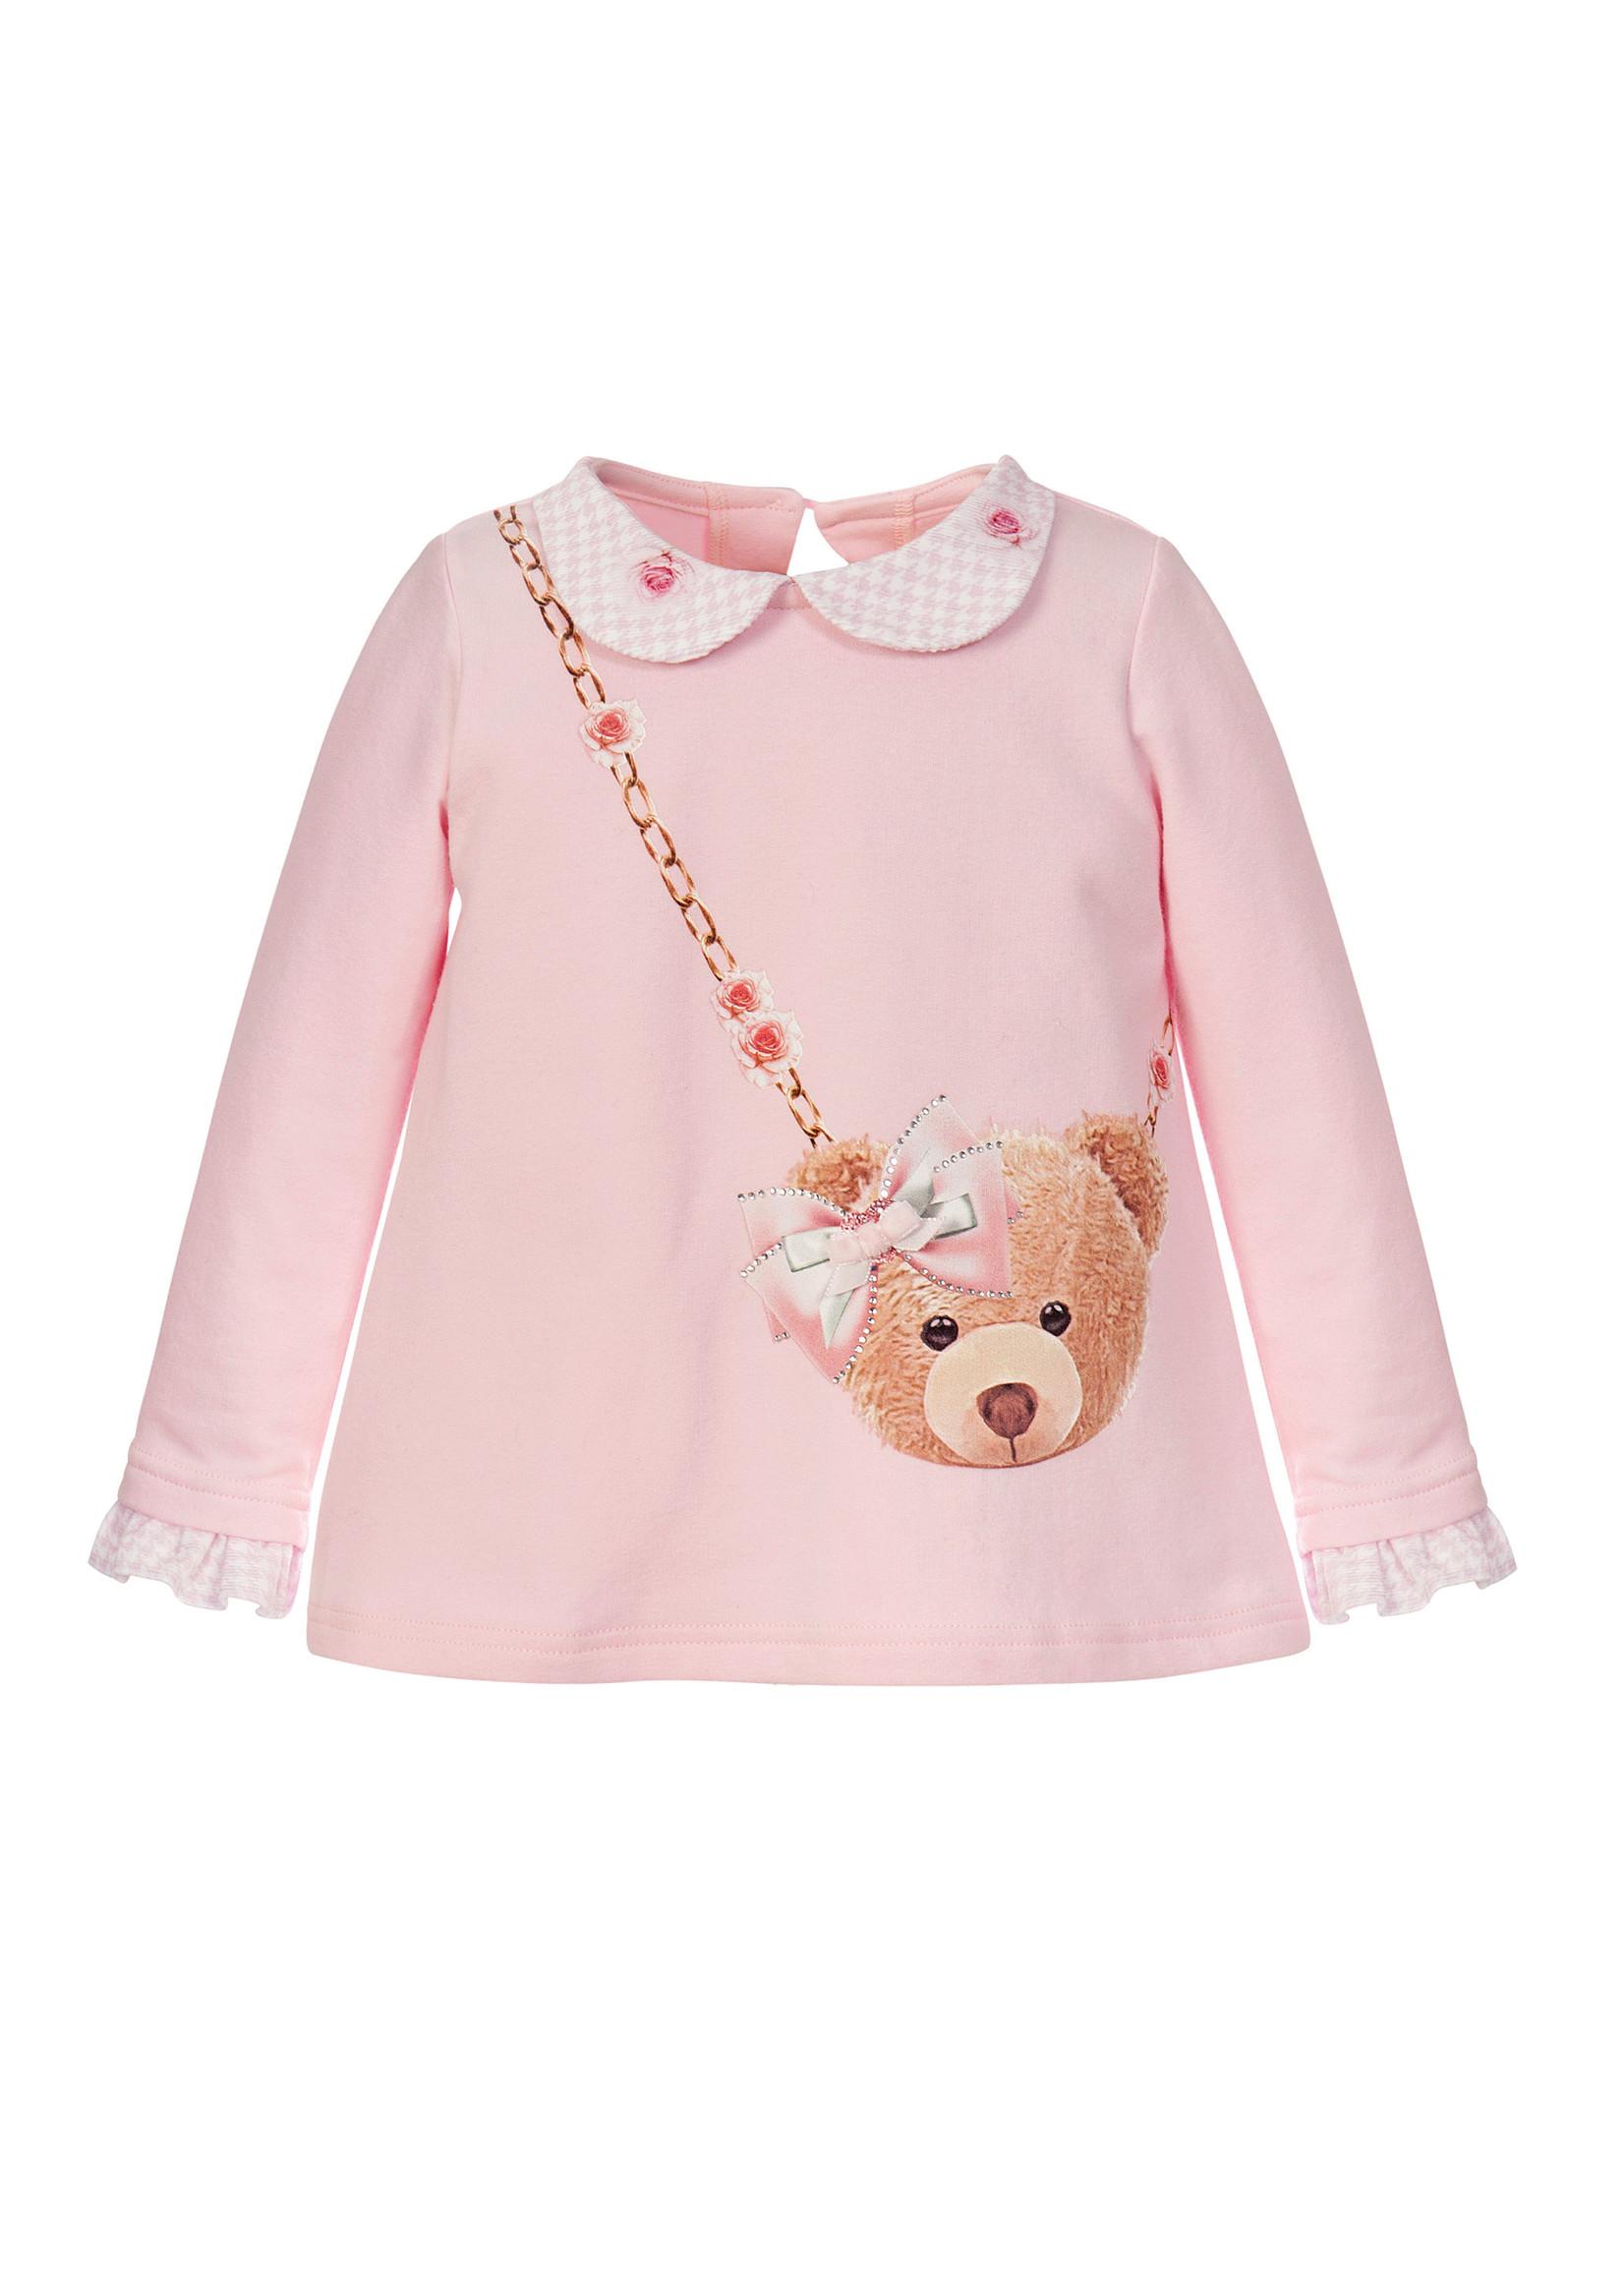 Balloon Chic Balloon Chic top met beren tasje roze